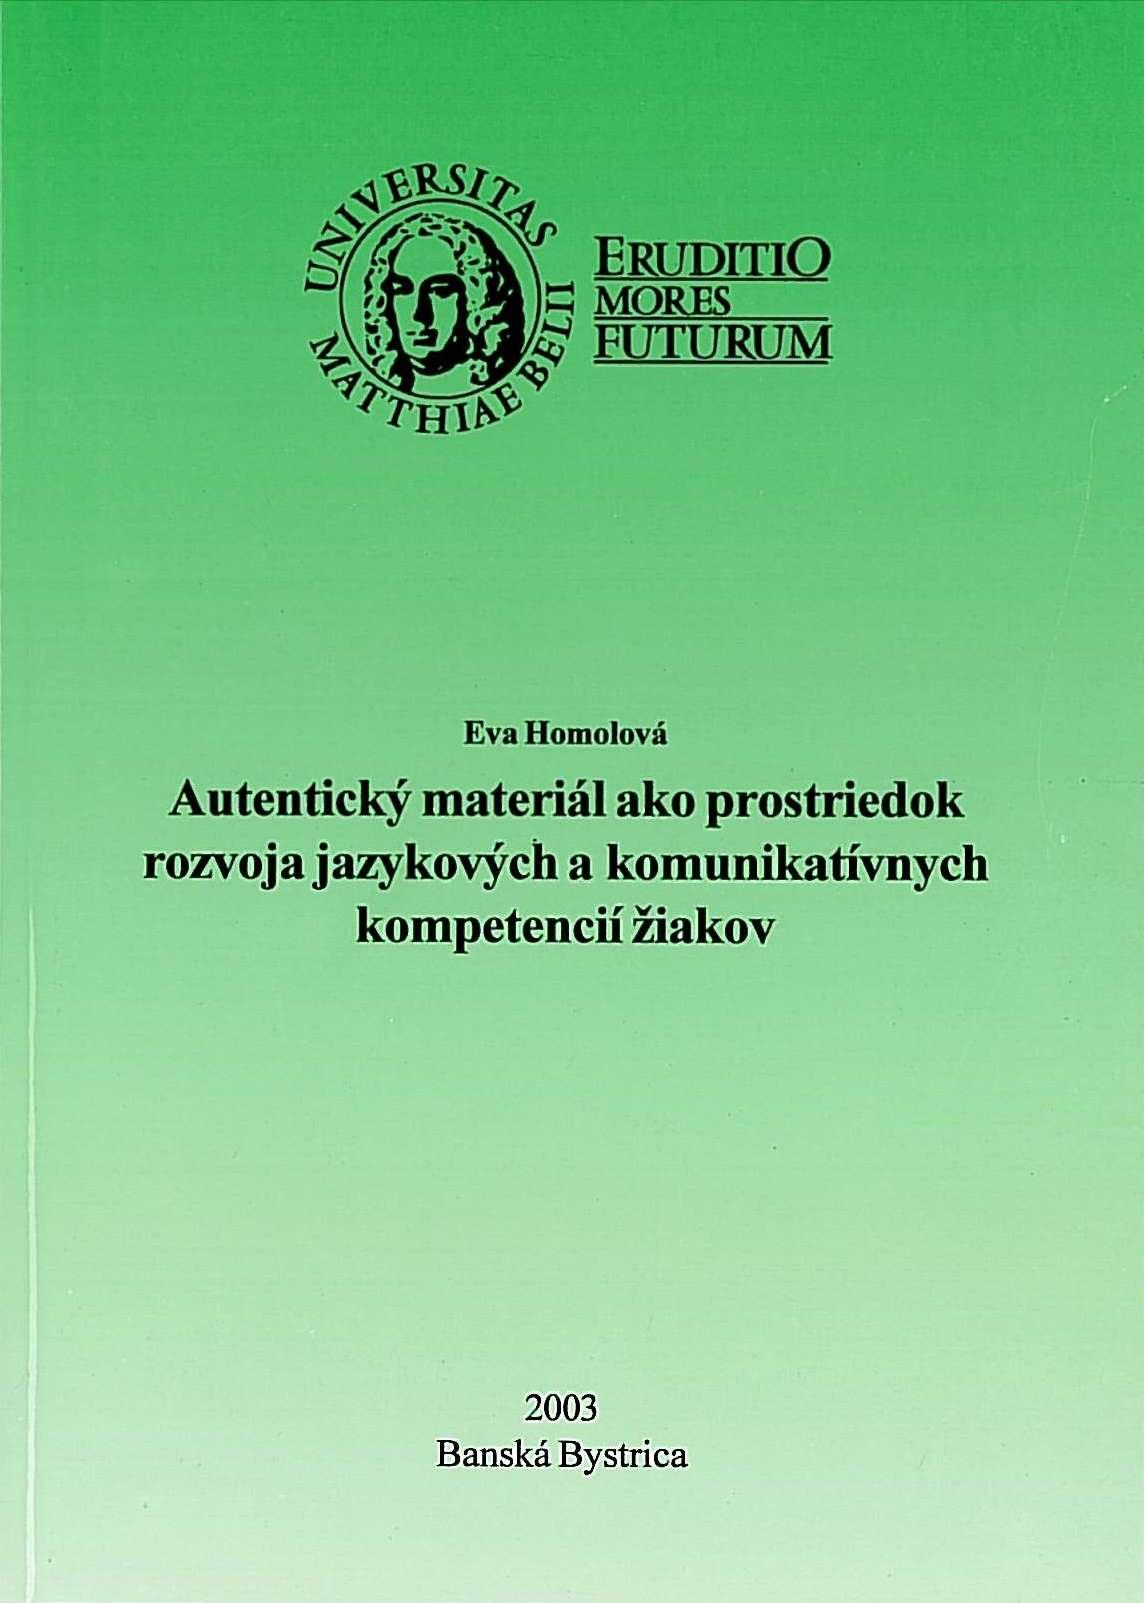 Autentický materiál ako prostriedok rozvoja jazykových a komunikatívnych kompetencií žiakov